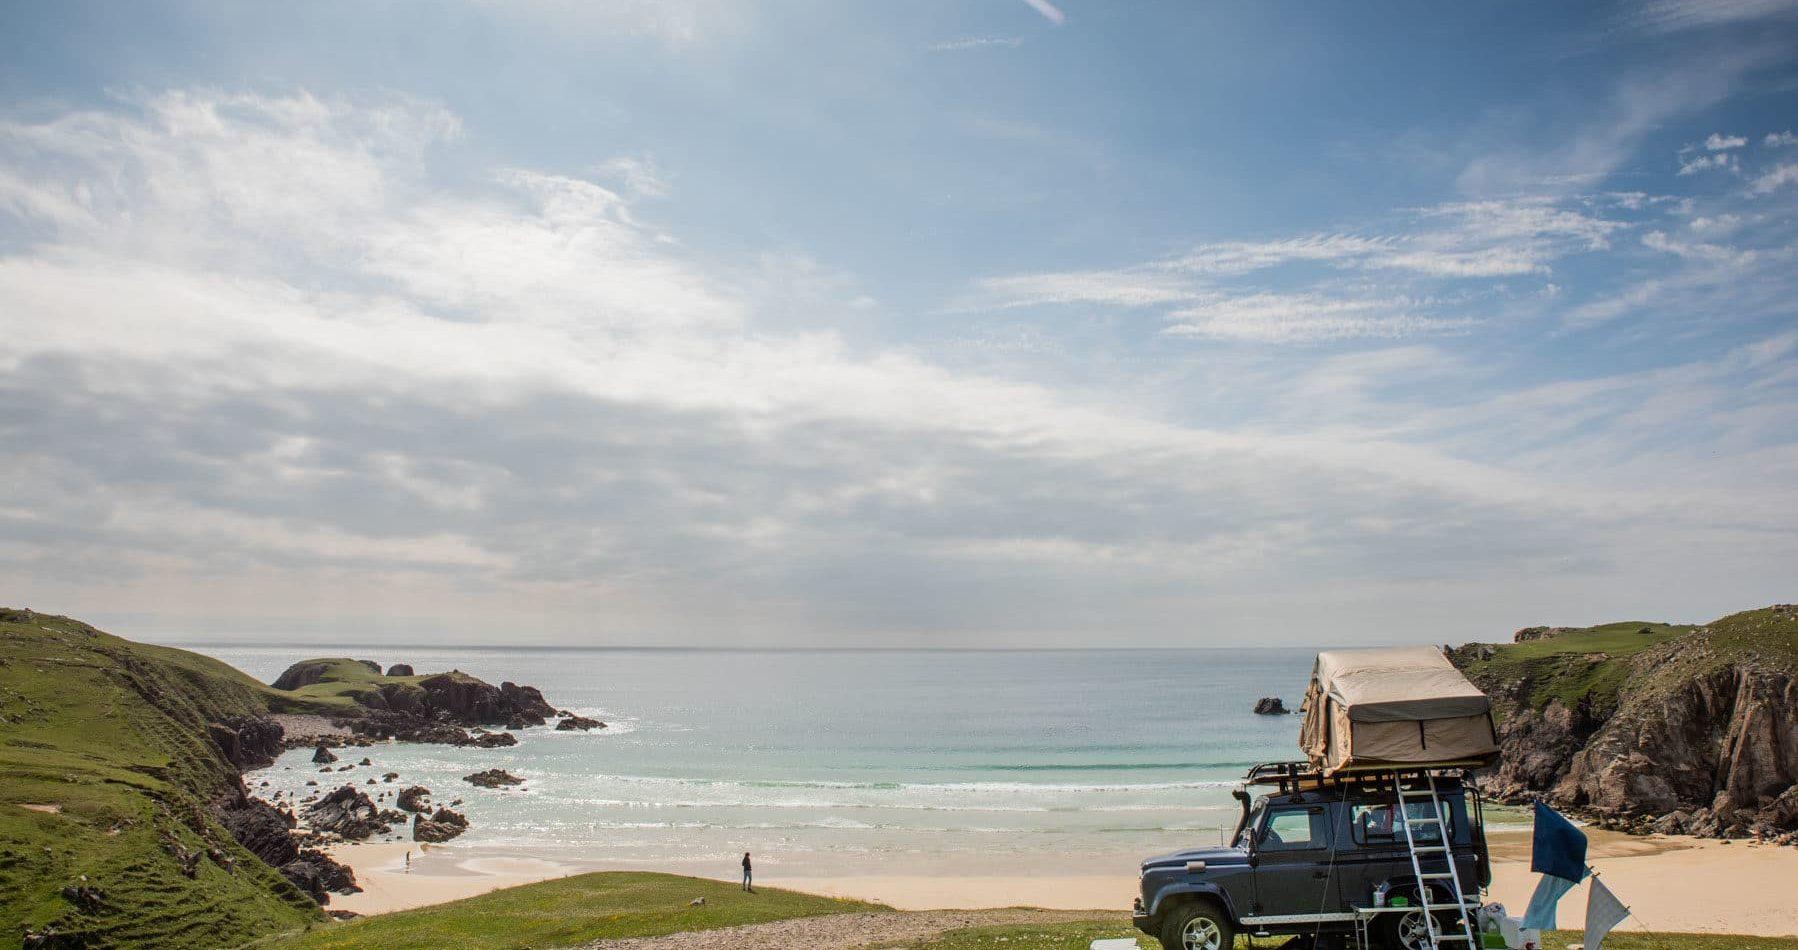 Camper sur la plage en Écosse